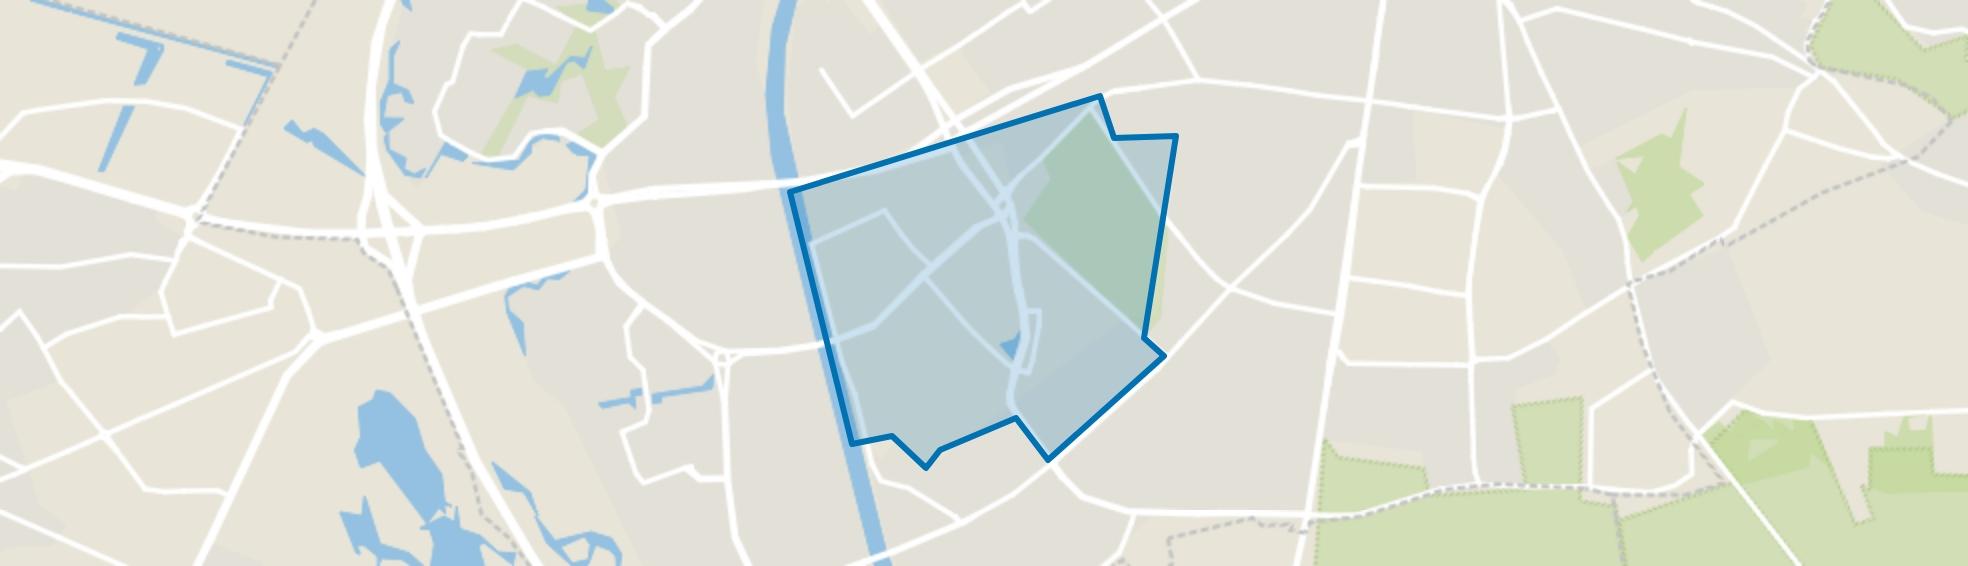 Goffert, Nijmegen map